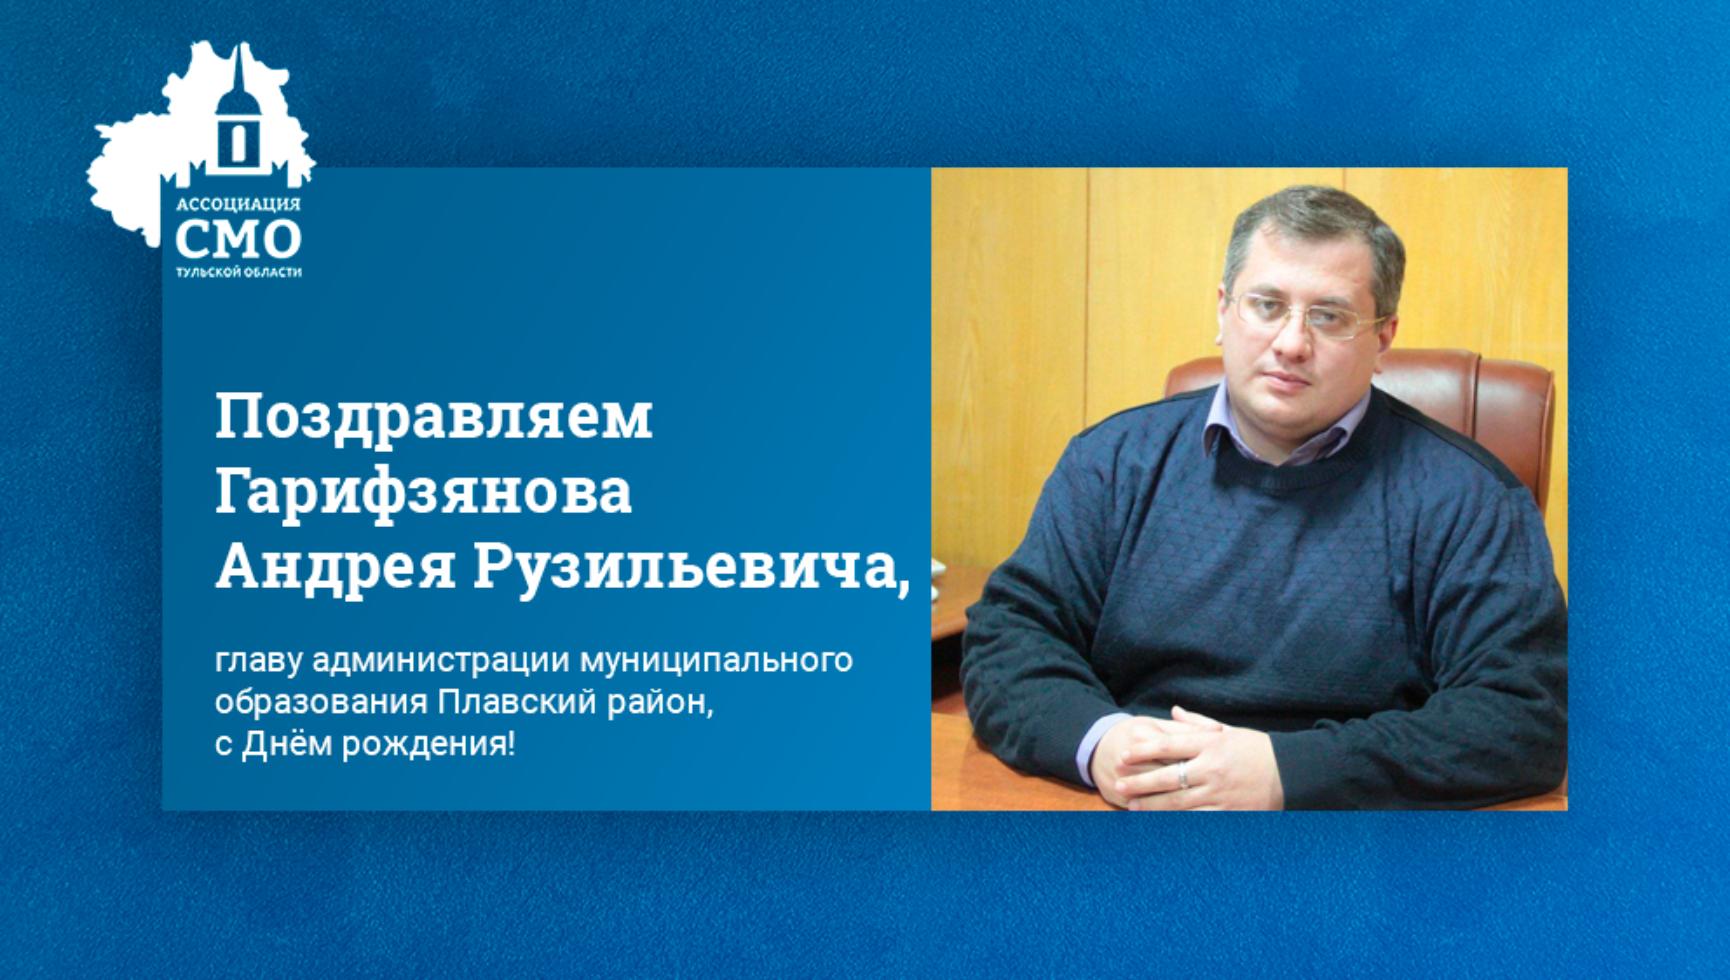 Поздравляем Гарифзянова Андрея Рузильевича, главу администрации муниципального образования Плавский район, с днём рождения!